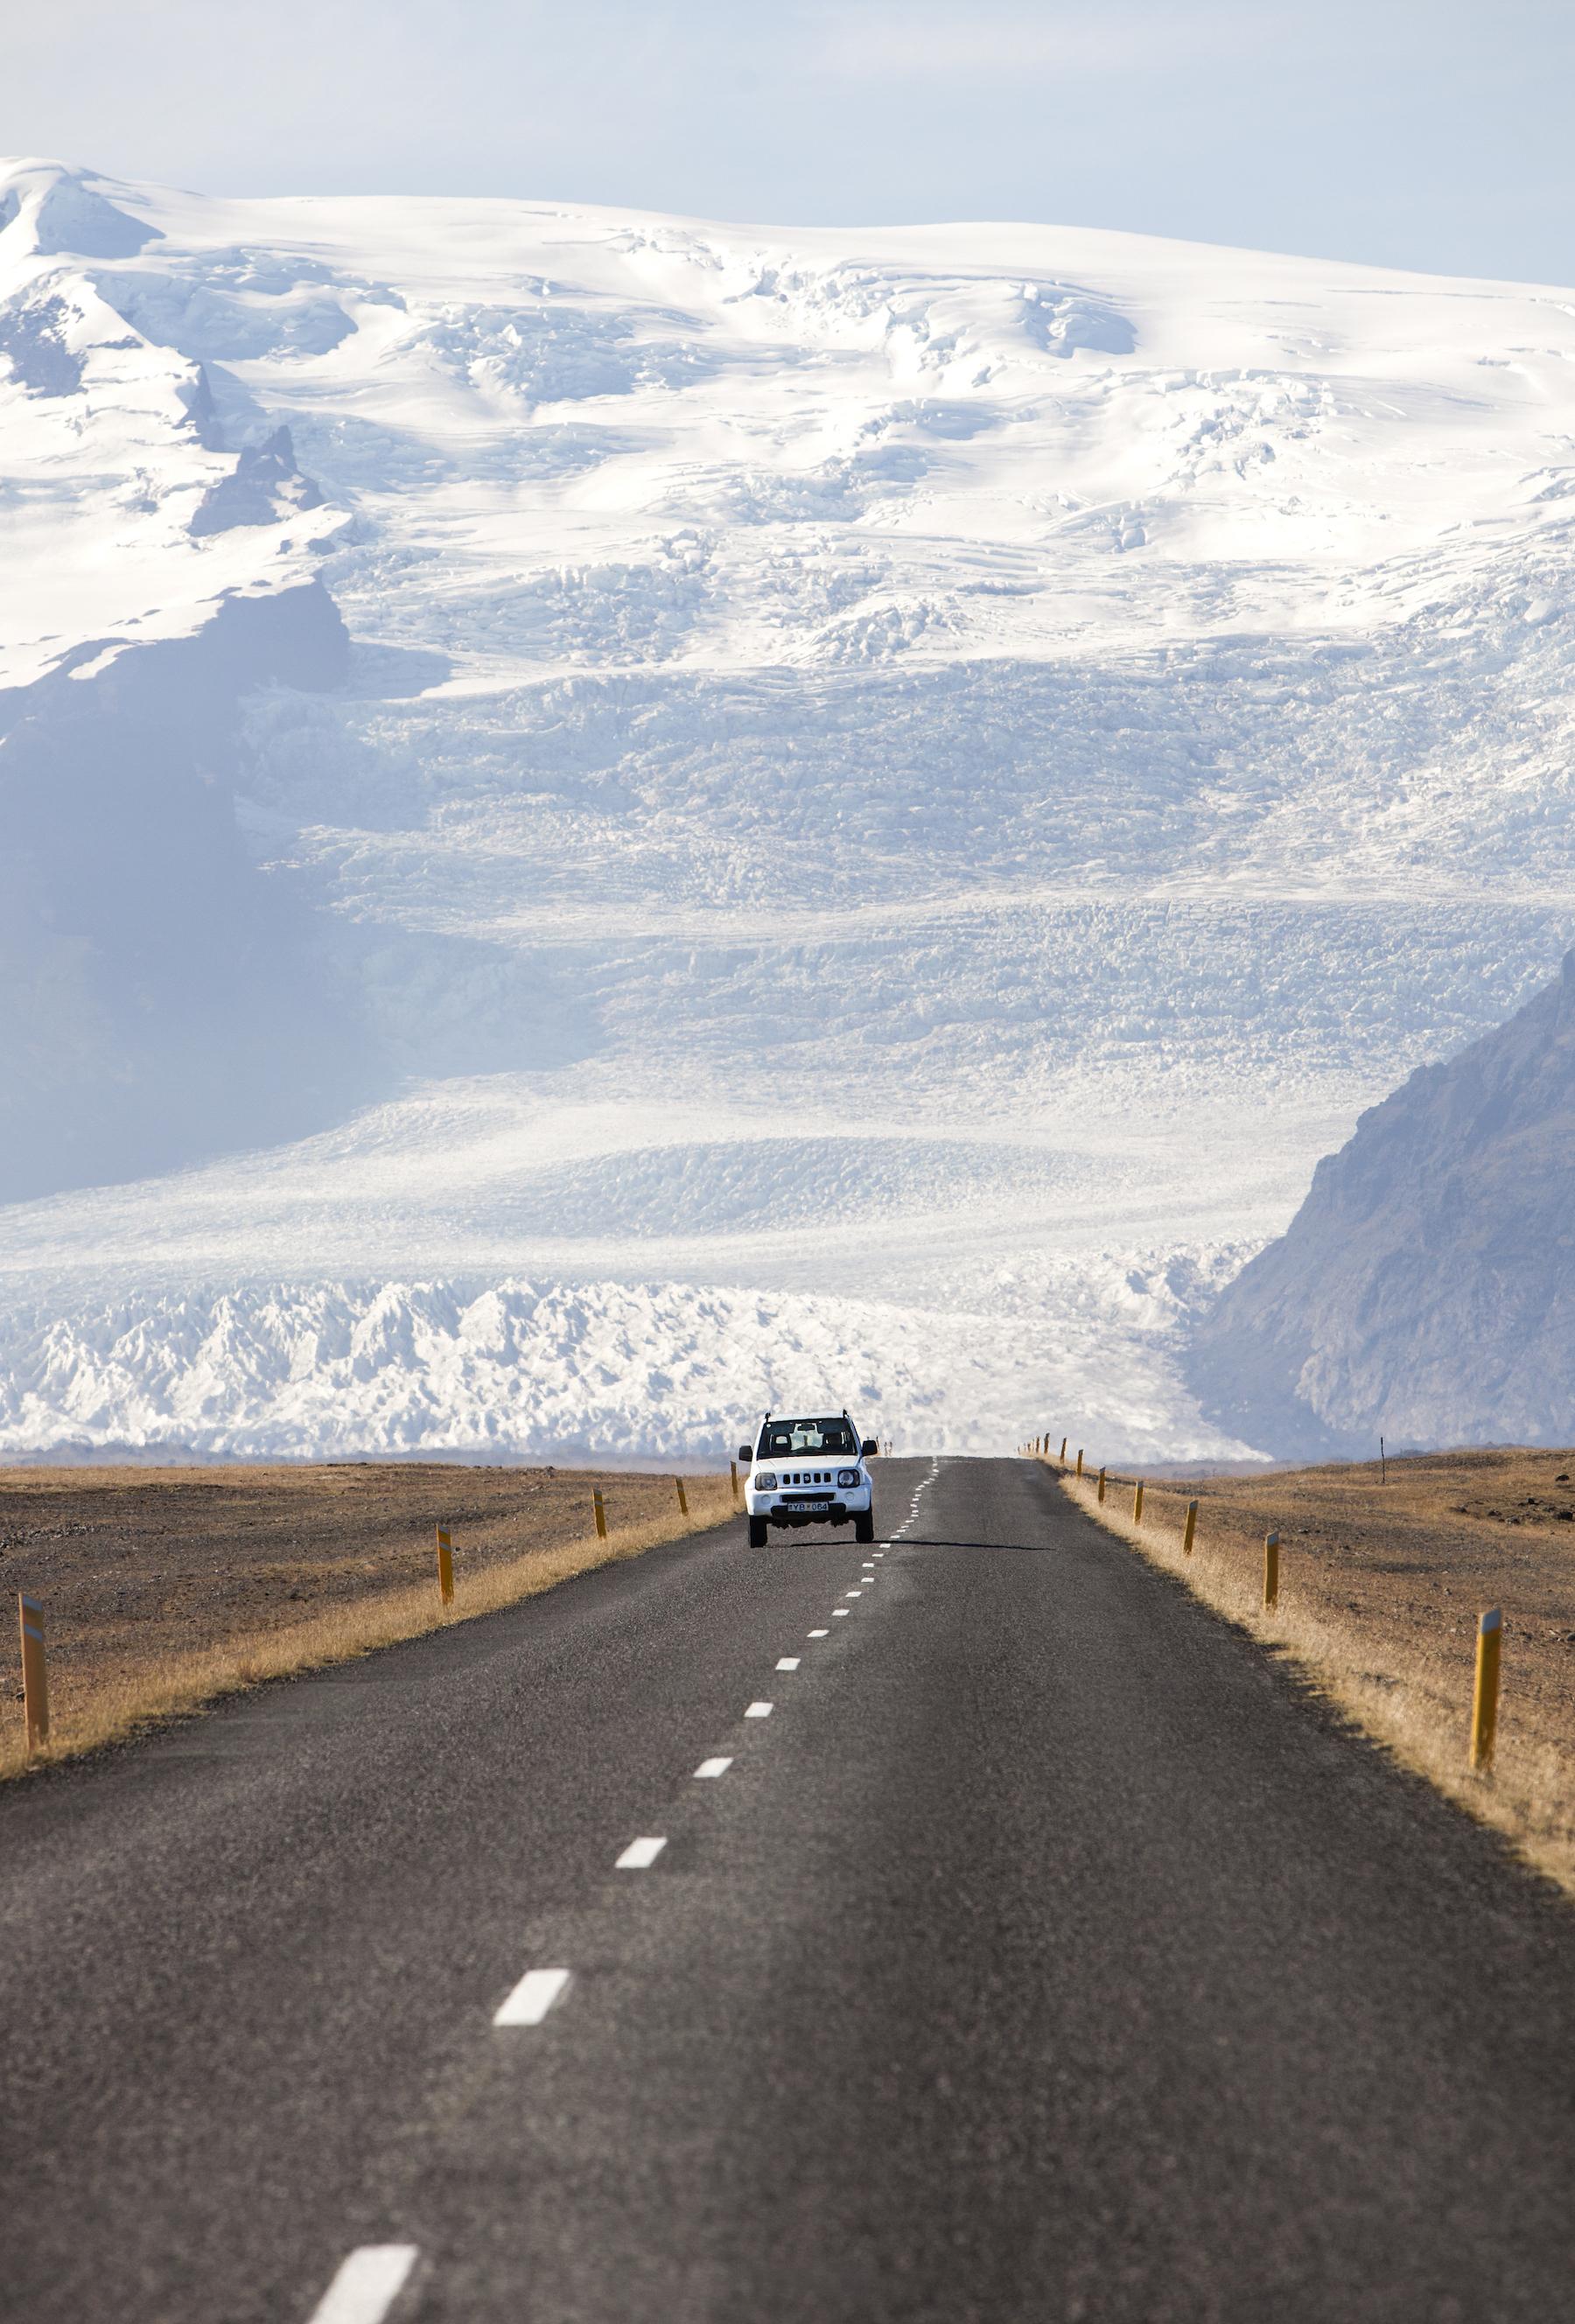 Roadtrip jäätikkömaisemiin! Islannin teillä maksiminopeus on 90 km/h. (kuva Björgvin Hilmarsson)